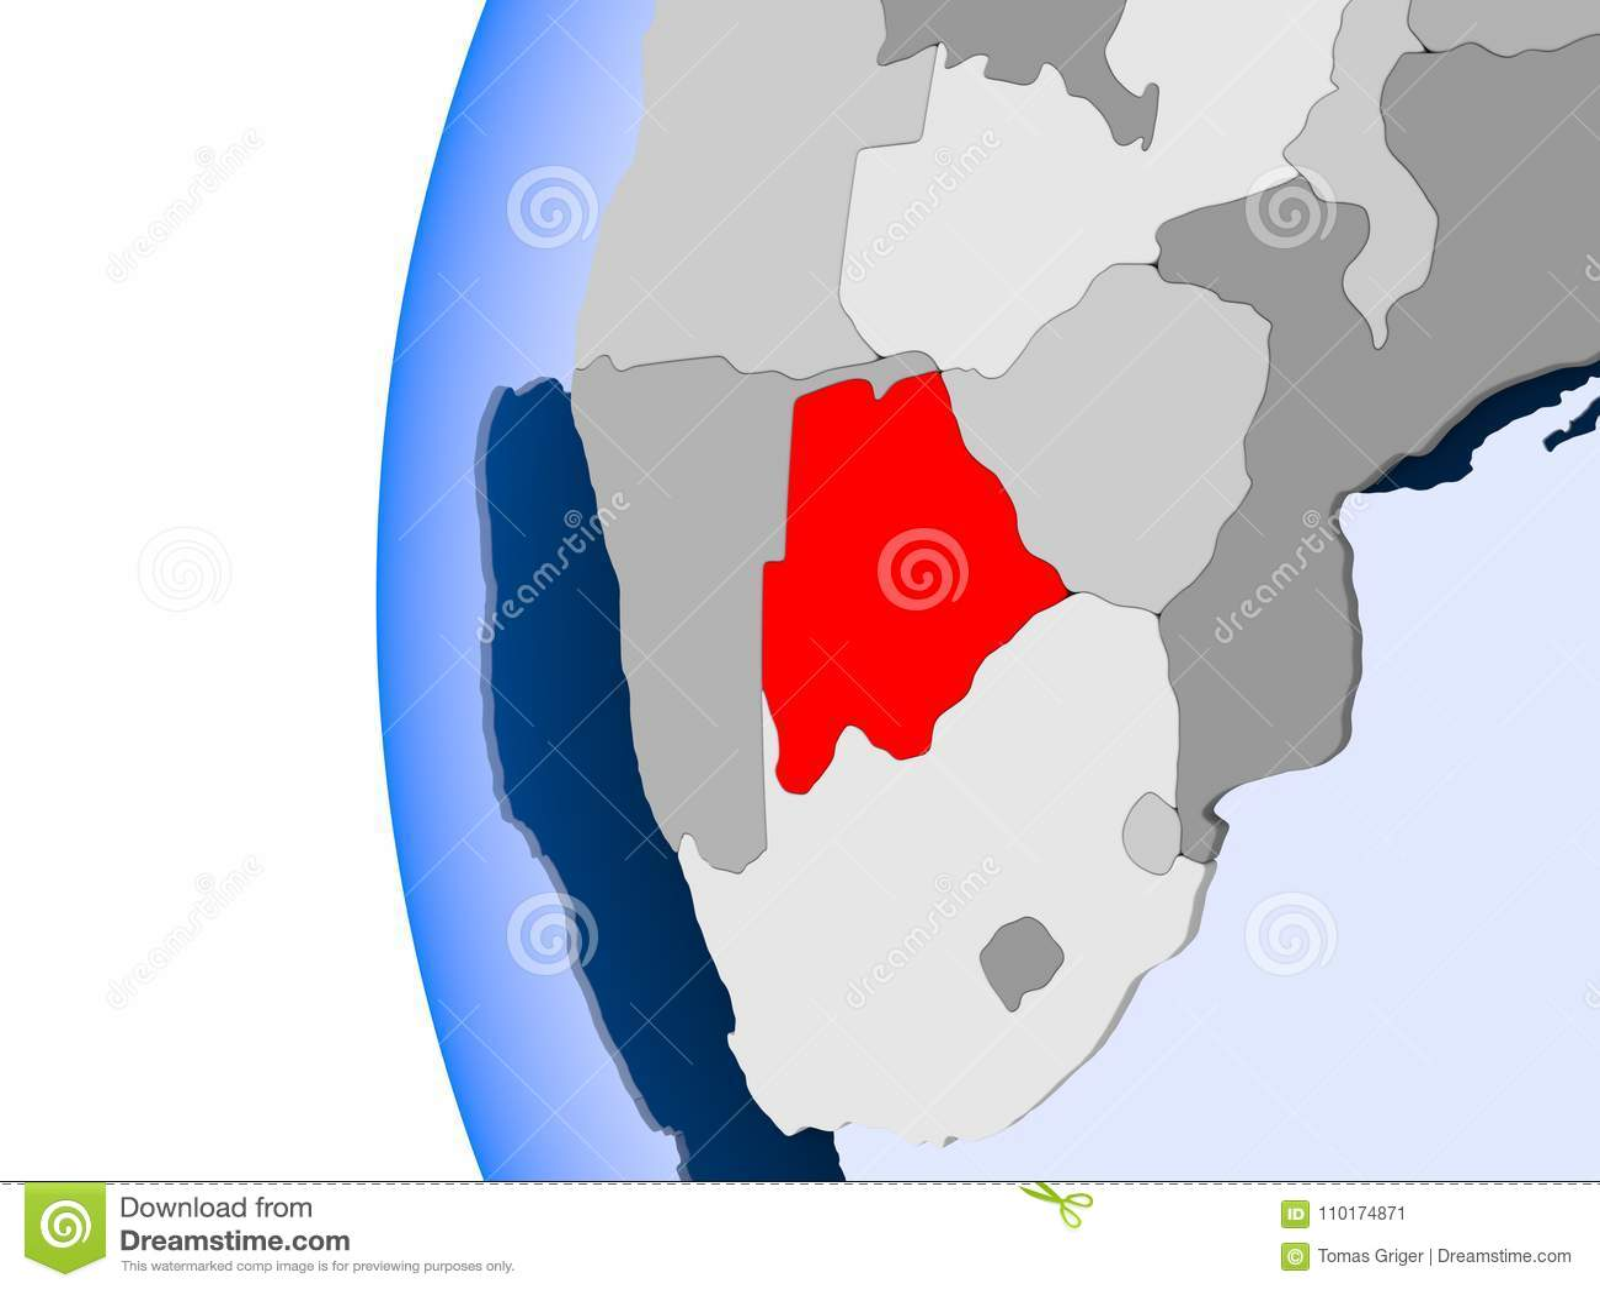 Botswana Political Map.Map Of Botswana On Political Globe Stock Illustration Illustration